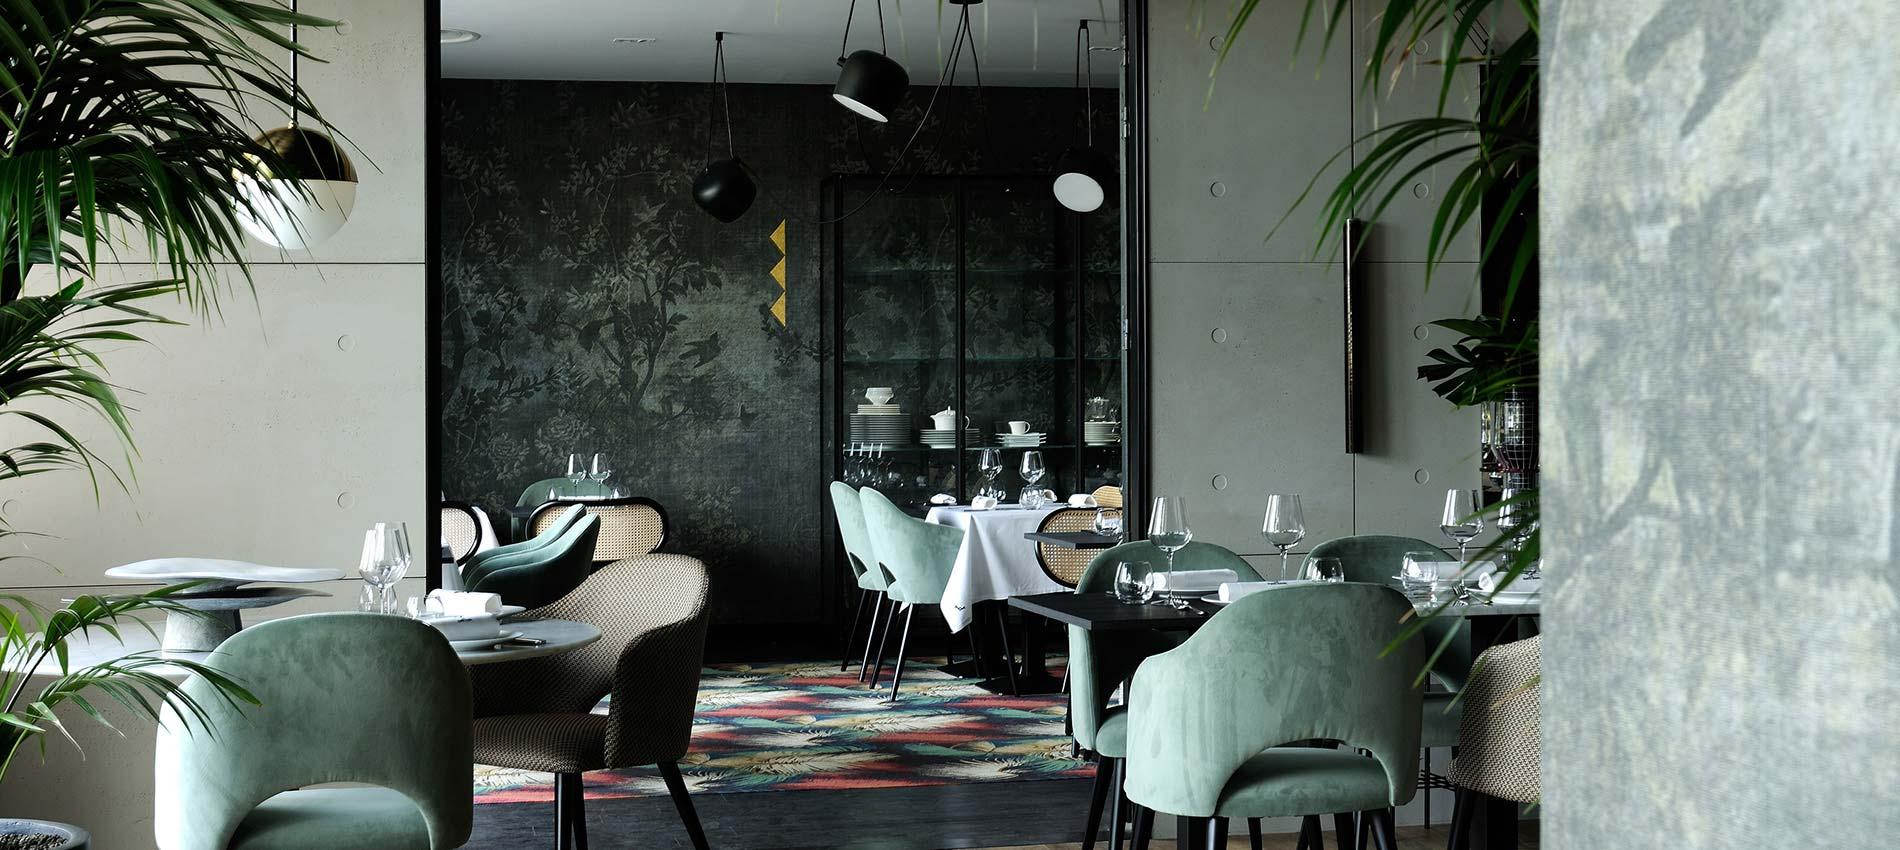 Réalisation Claude Cartier décoration Lyon Diner Végétal Mais Pas Vegan